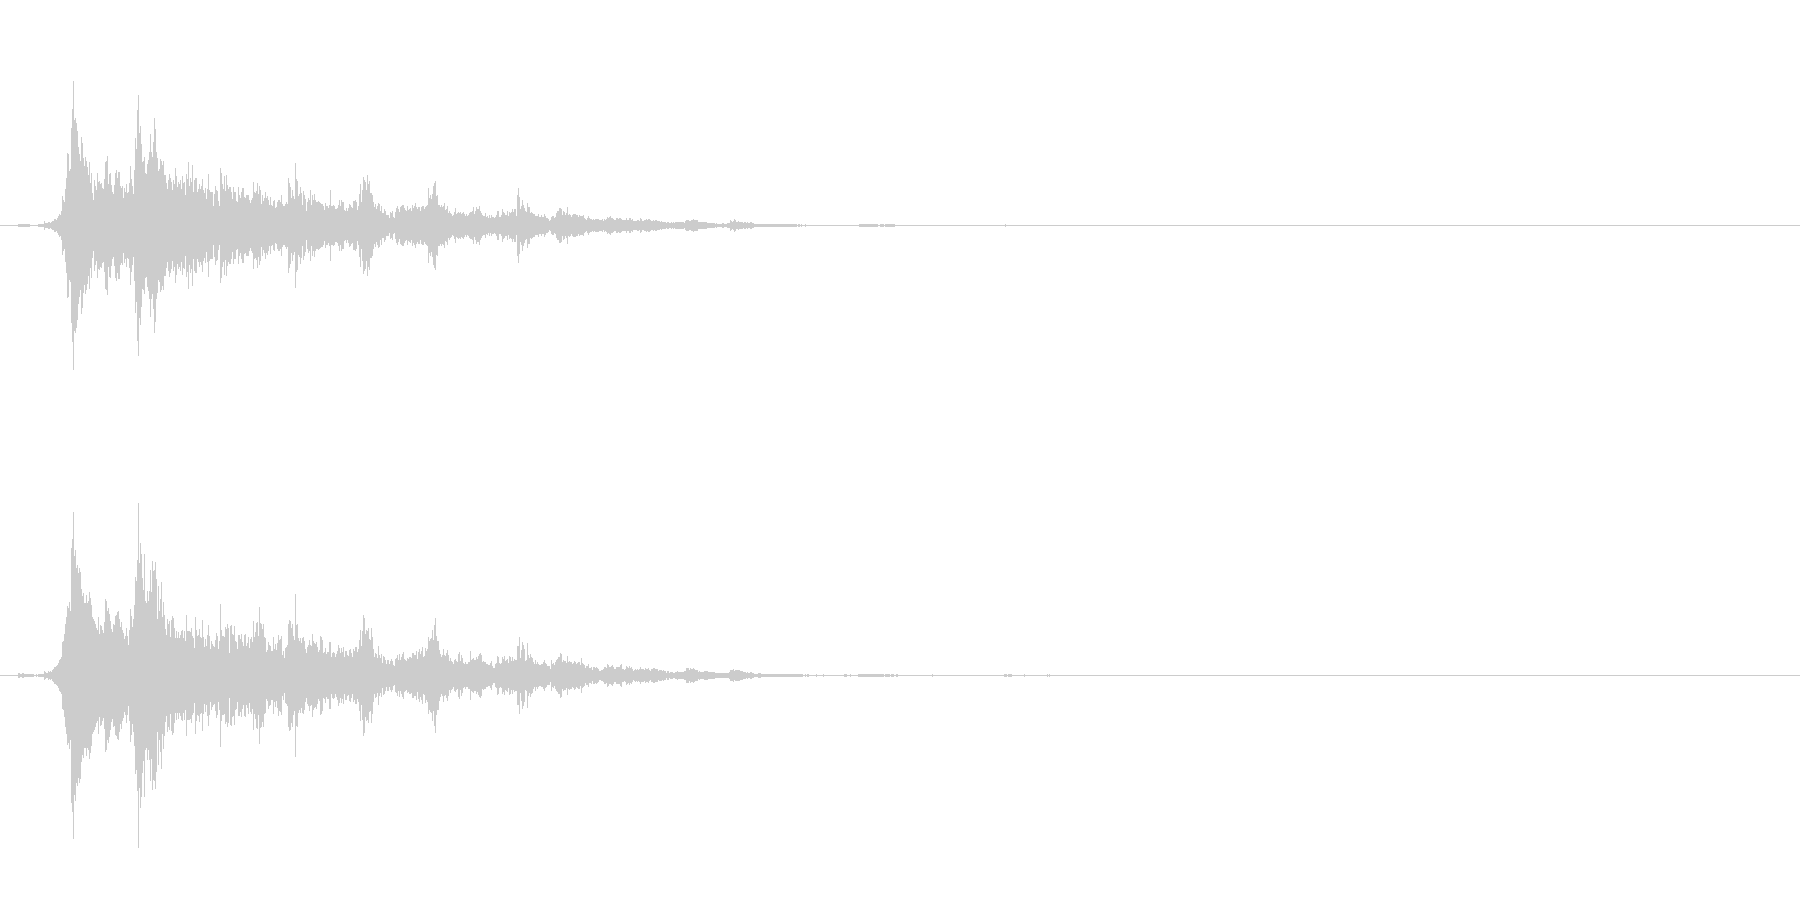 重めの鈴の音「えきろ」の単発音1の未再生の波形